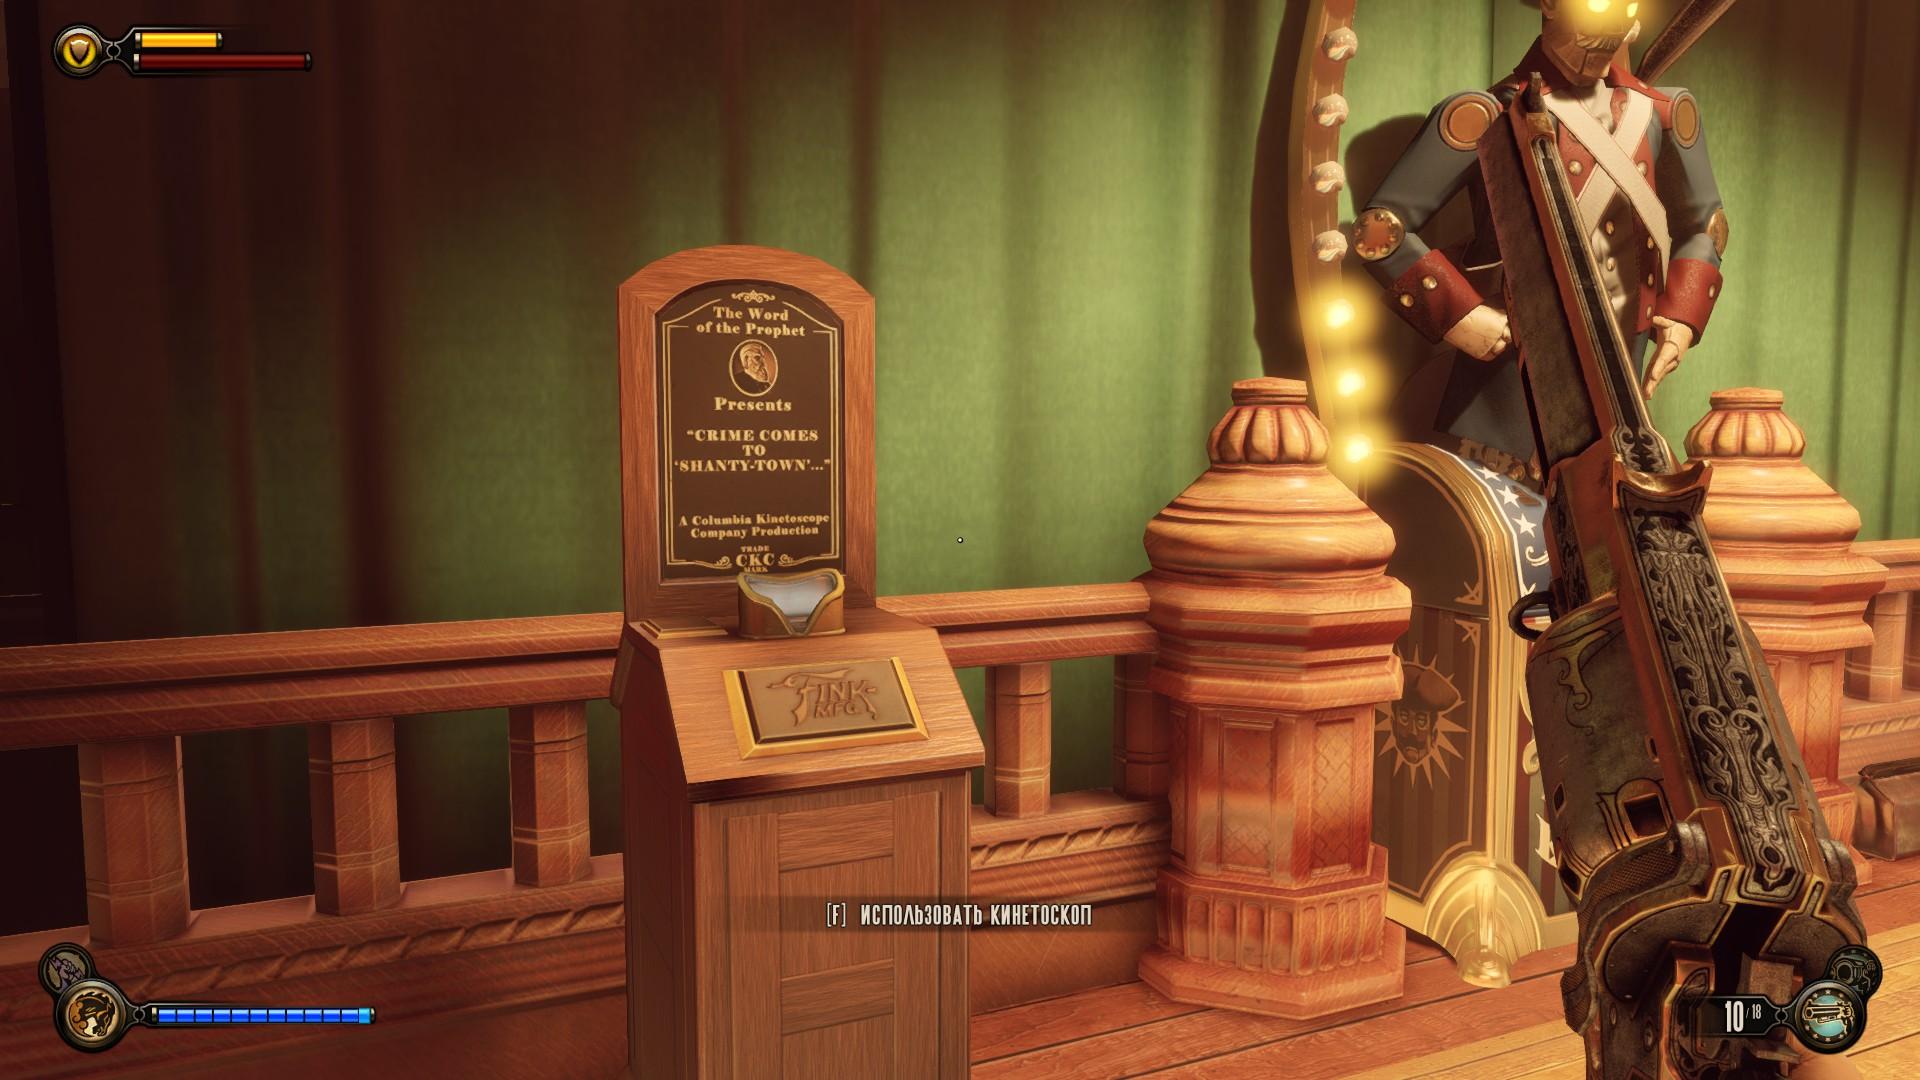 Bioshock игровые автоматы игровые автоматы онлайн бесплатно 777 без регистрации